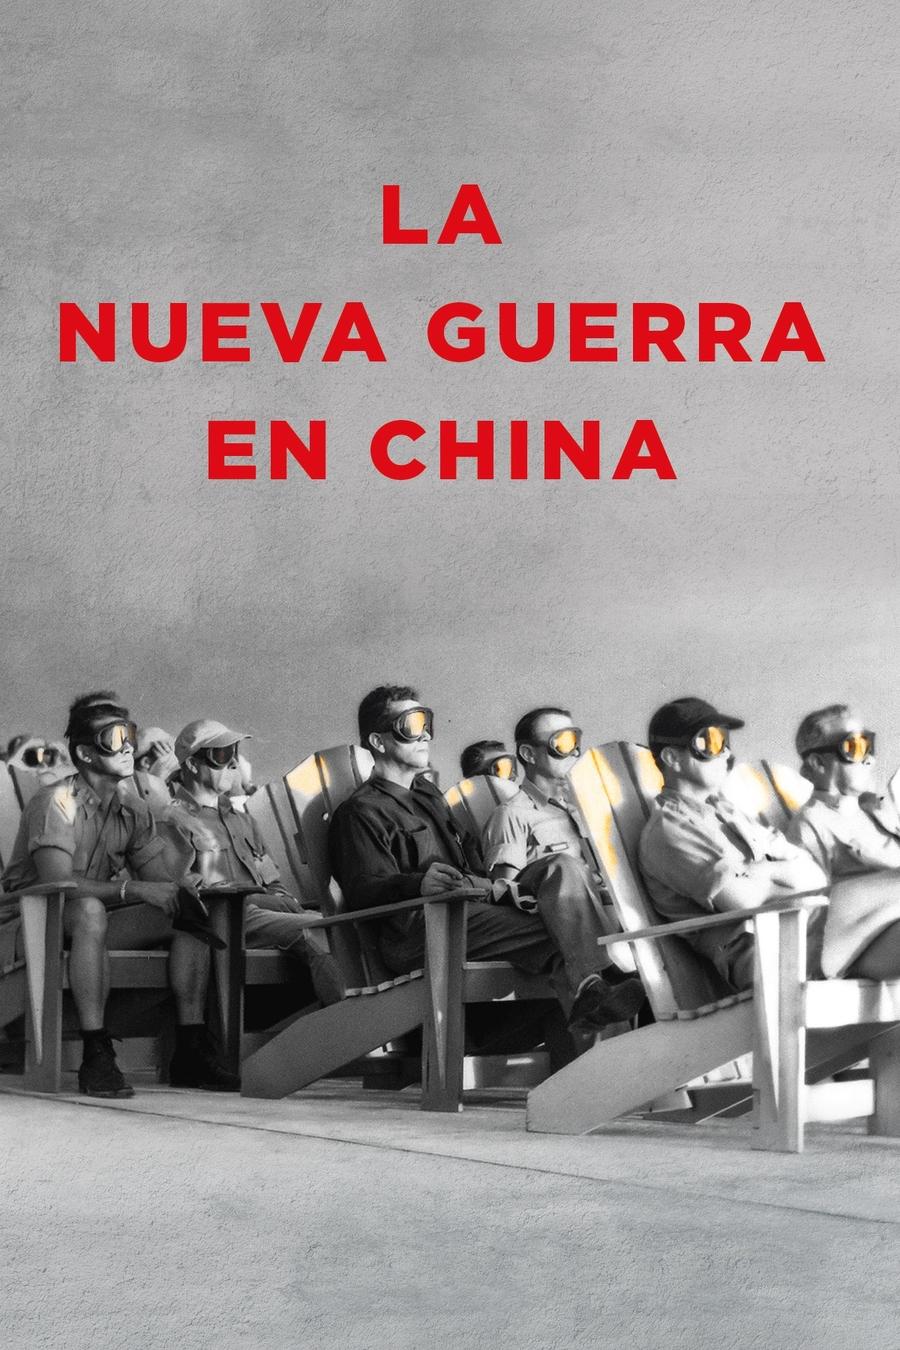 La nueva guerra en China